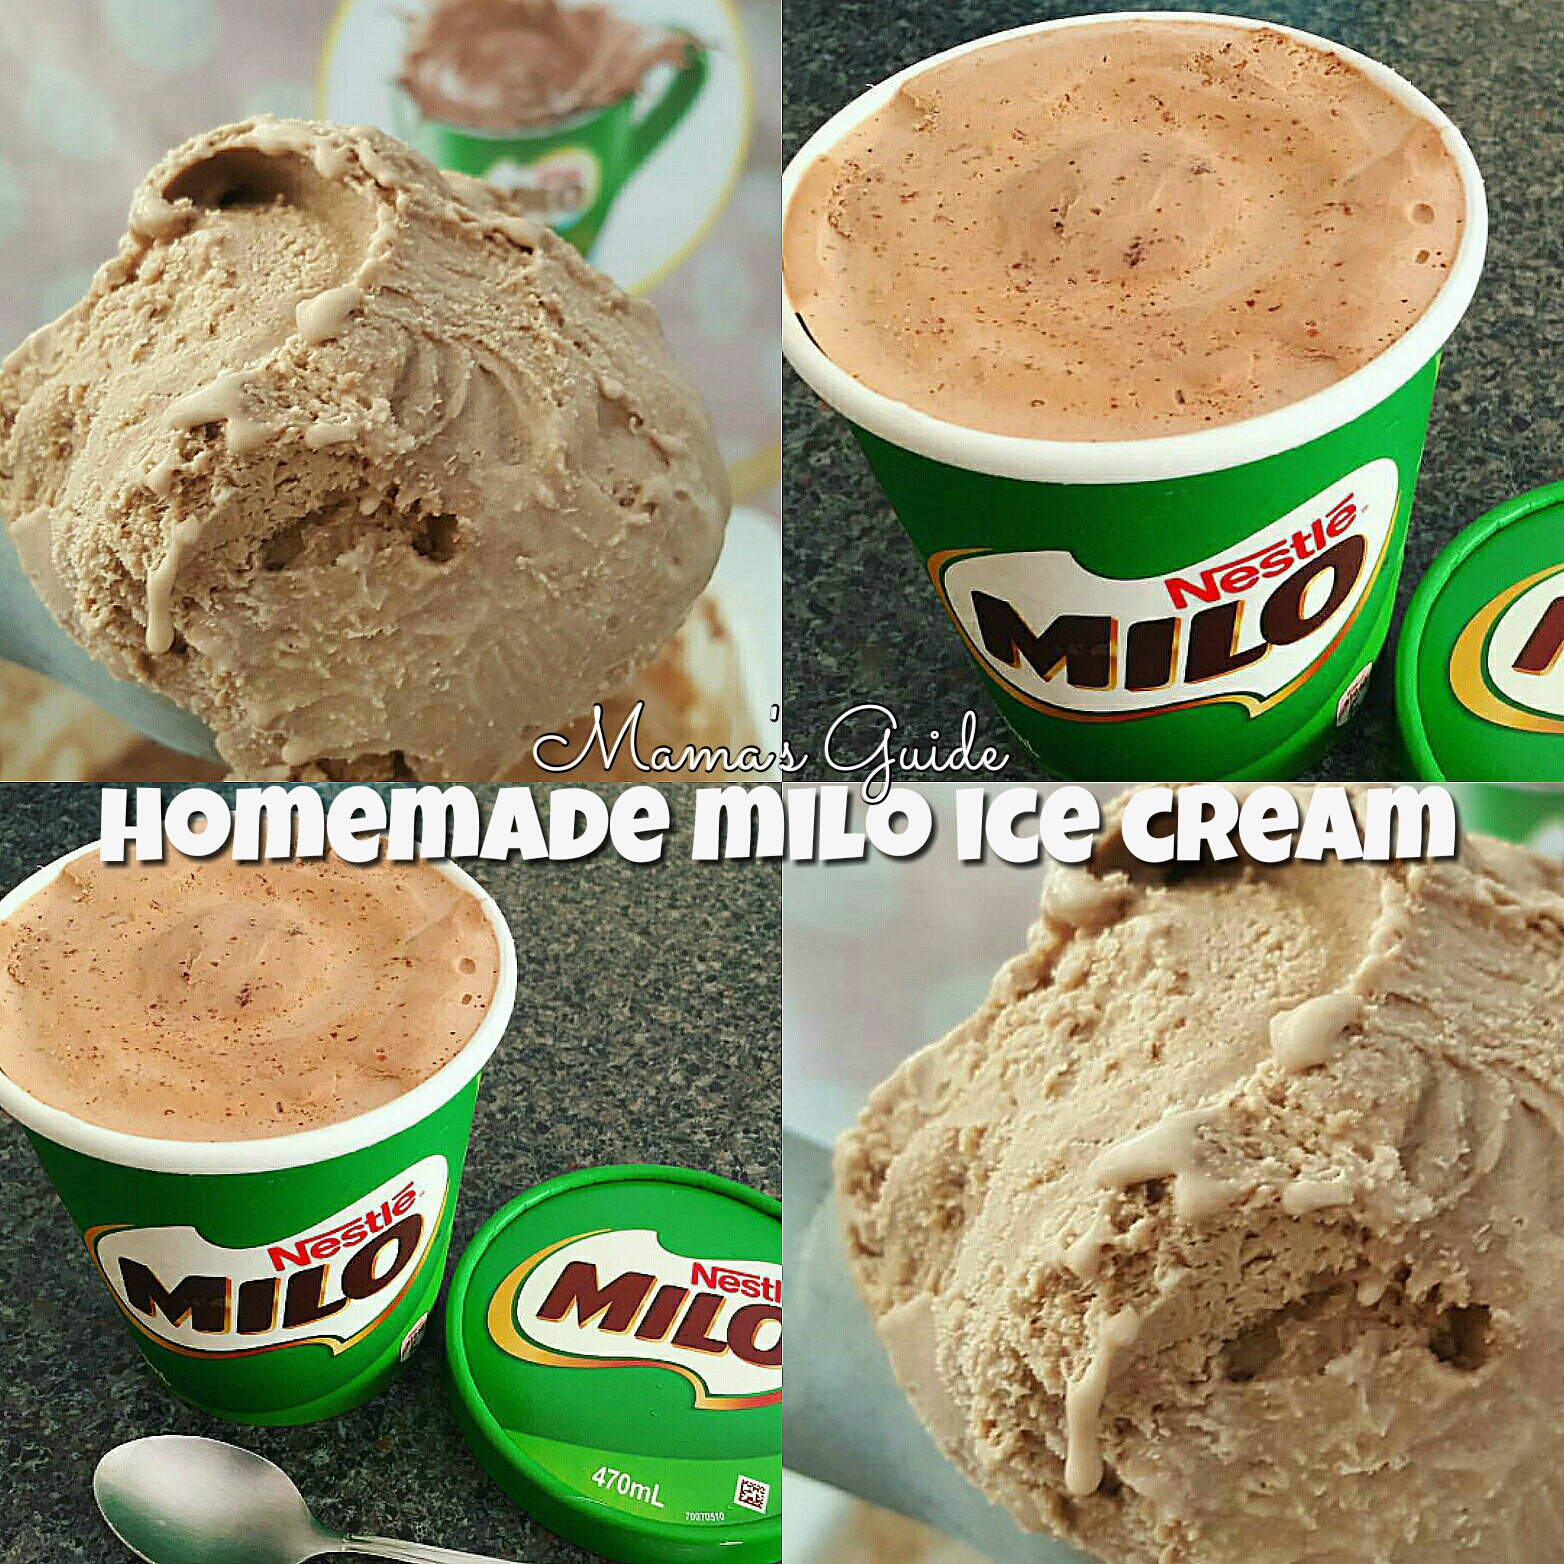 Milo Ice Cream